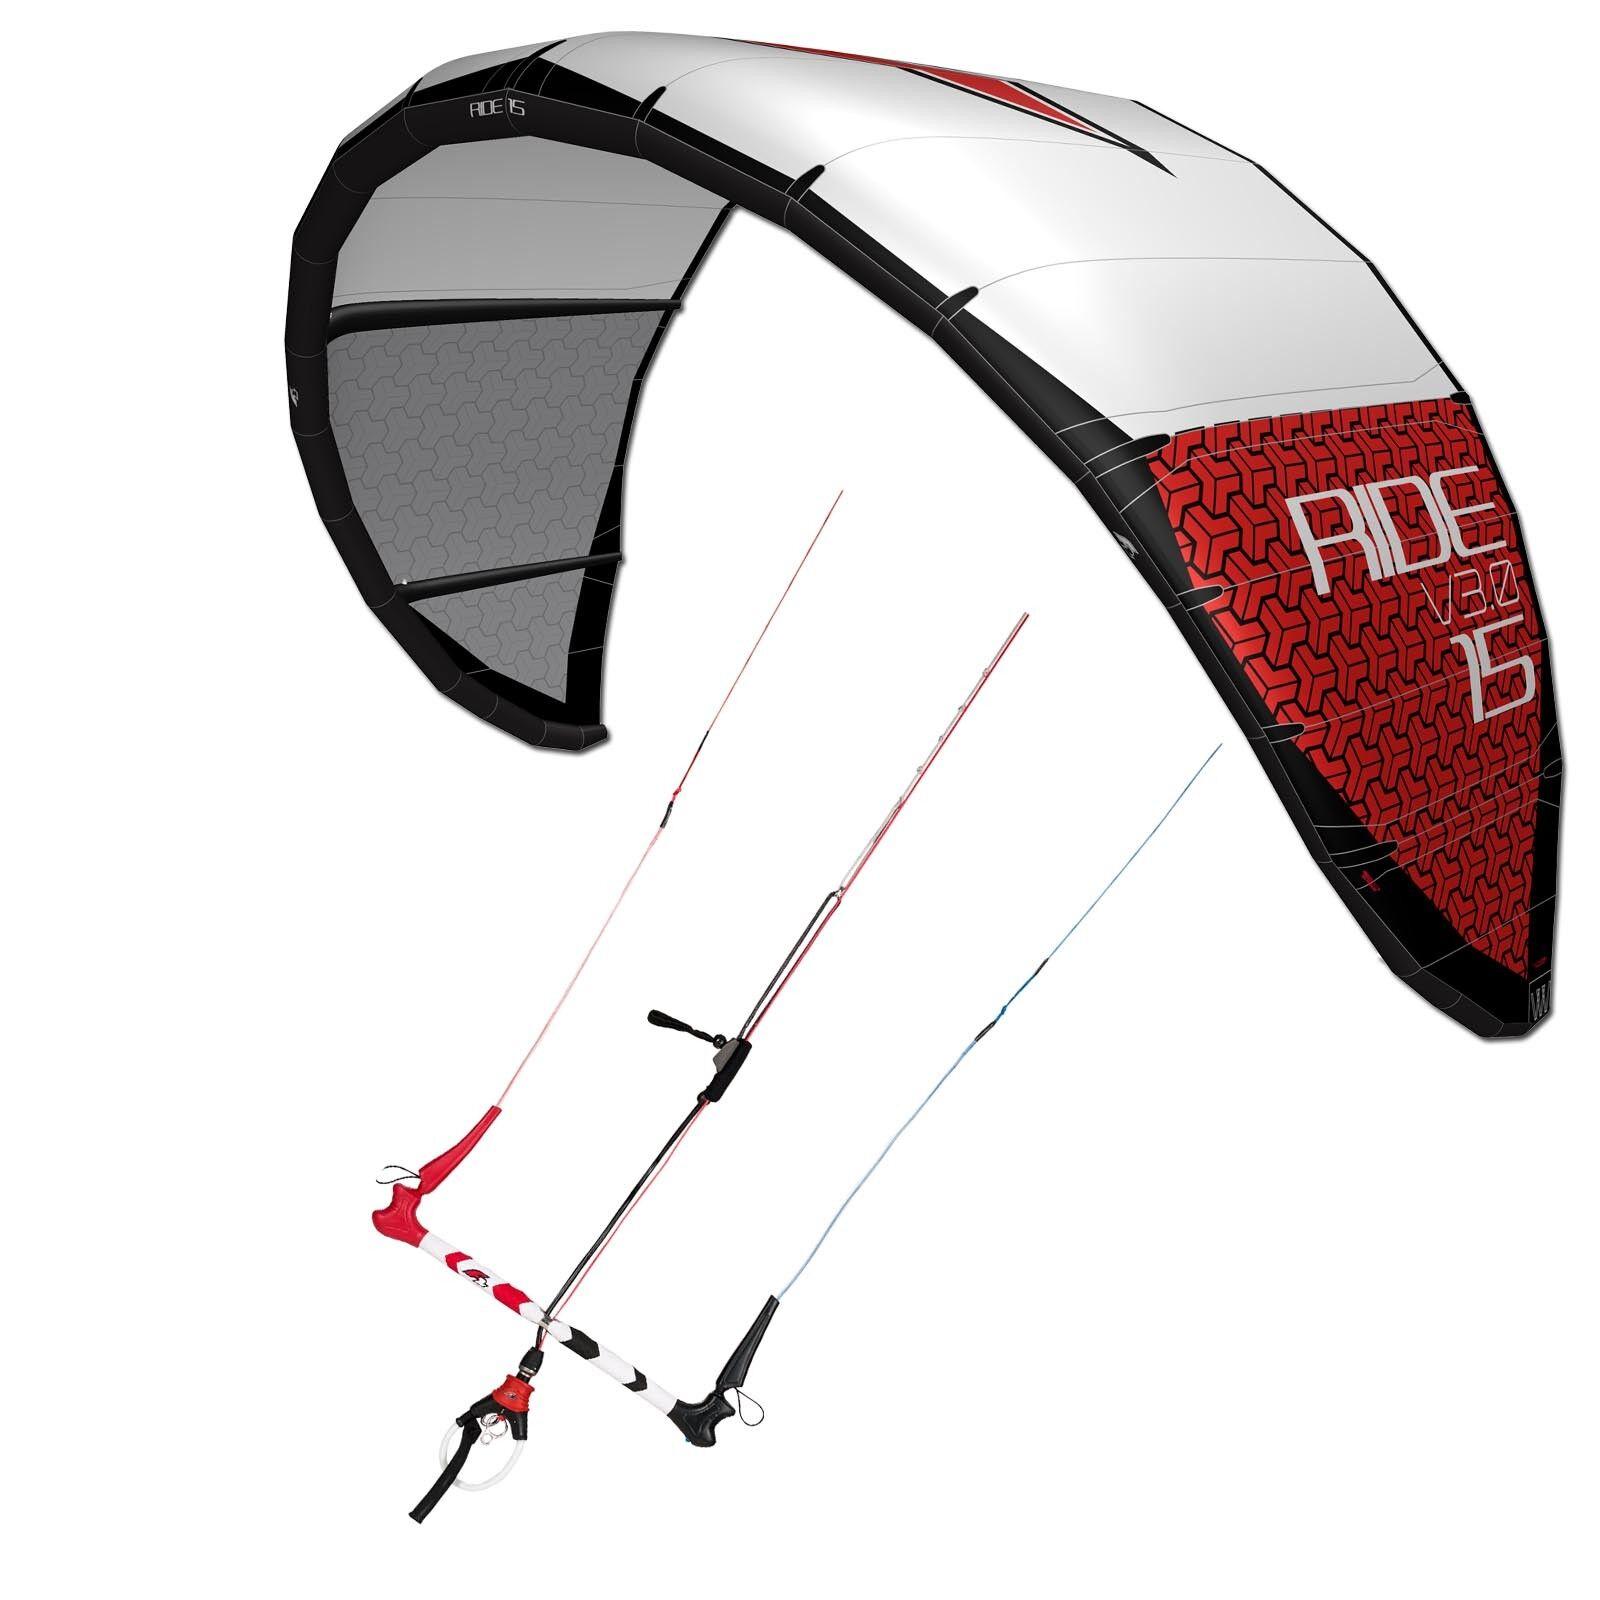 Kite Set F2 Ride V3.0 201815 M ² Includes Control bar  Credver Delta Kite